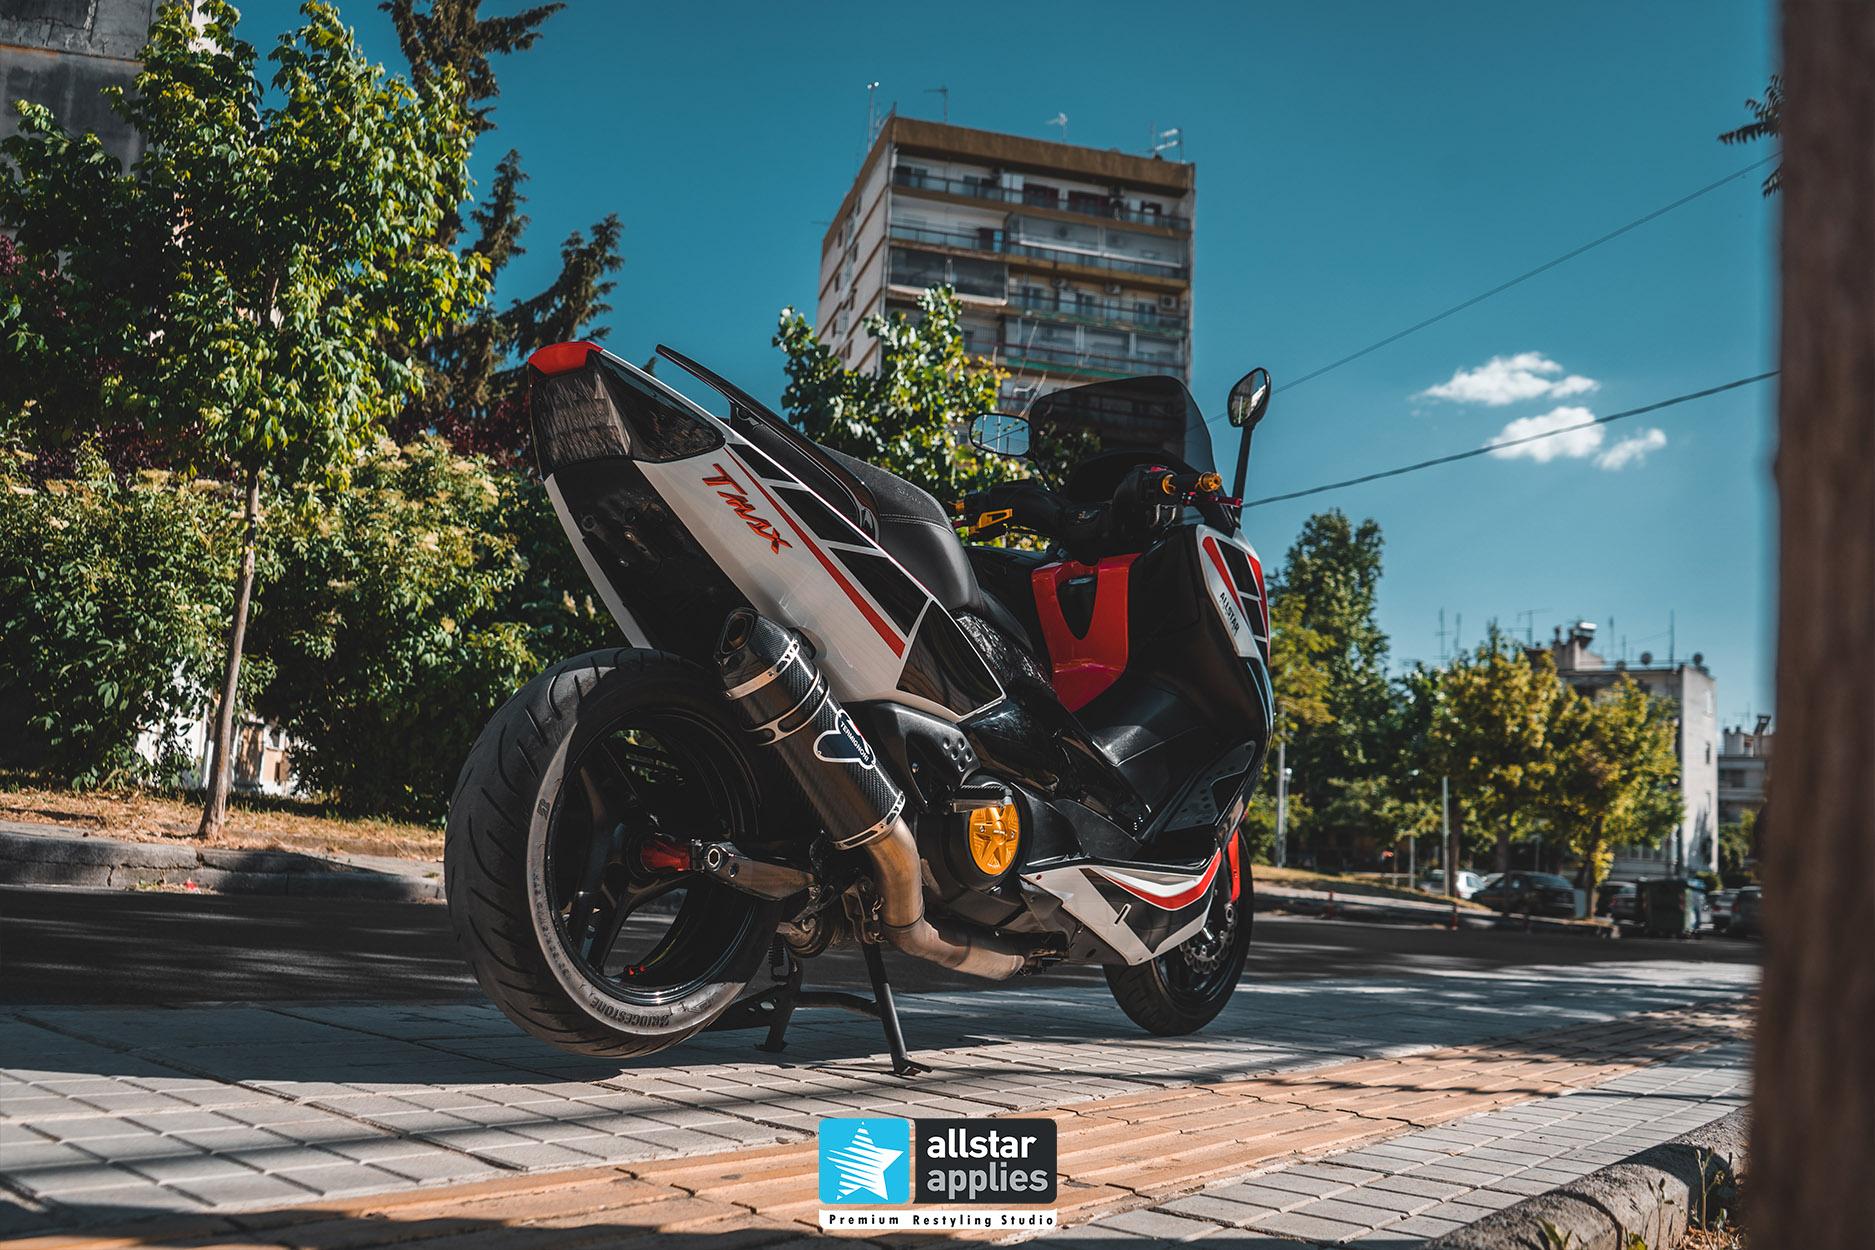 TMAX 500 ALLSTAR APPLIES 9